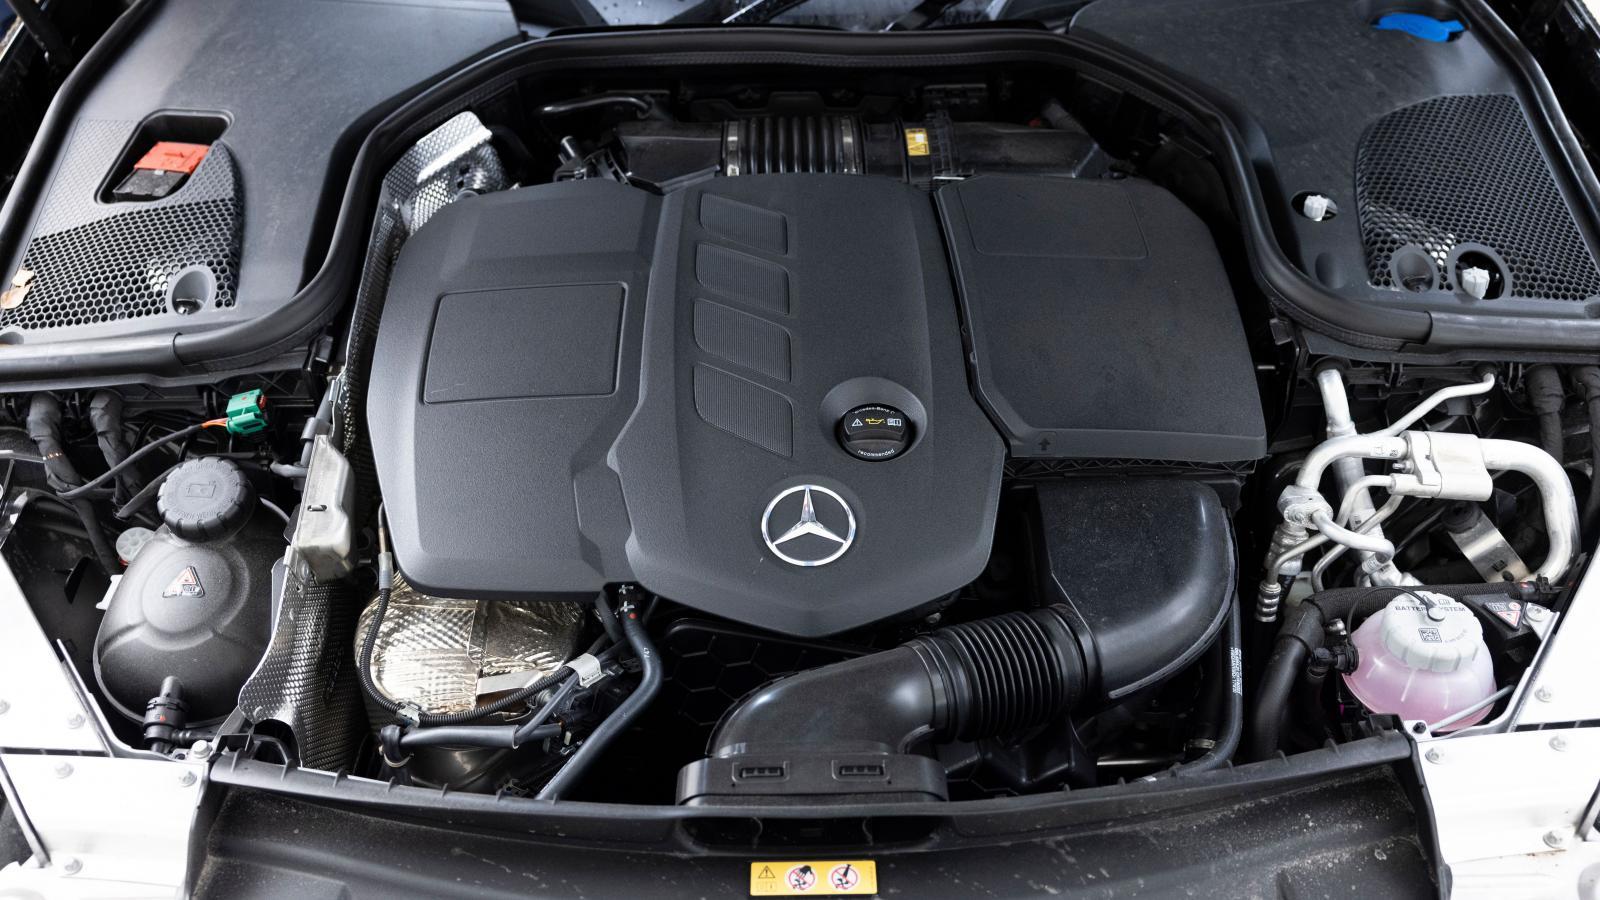 Diesel och el ger 306 hk och hela 700 Nm vridmoment. Det finns urkraft jämt och automatlådans nio växlar arbetar snyggt.